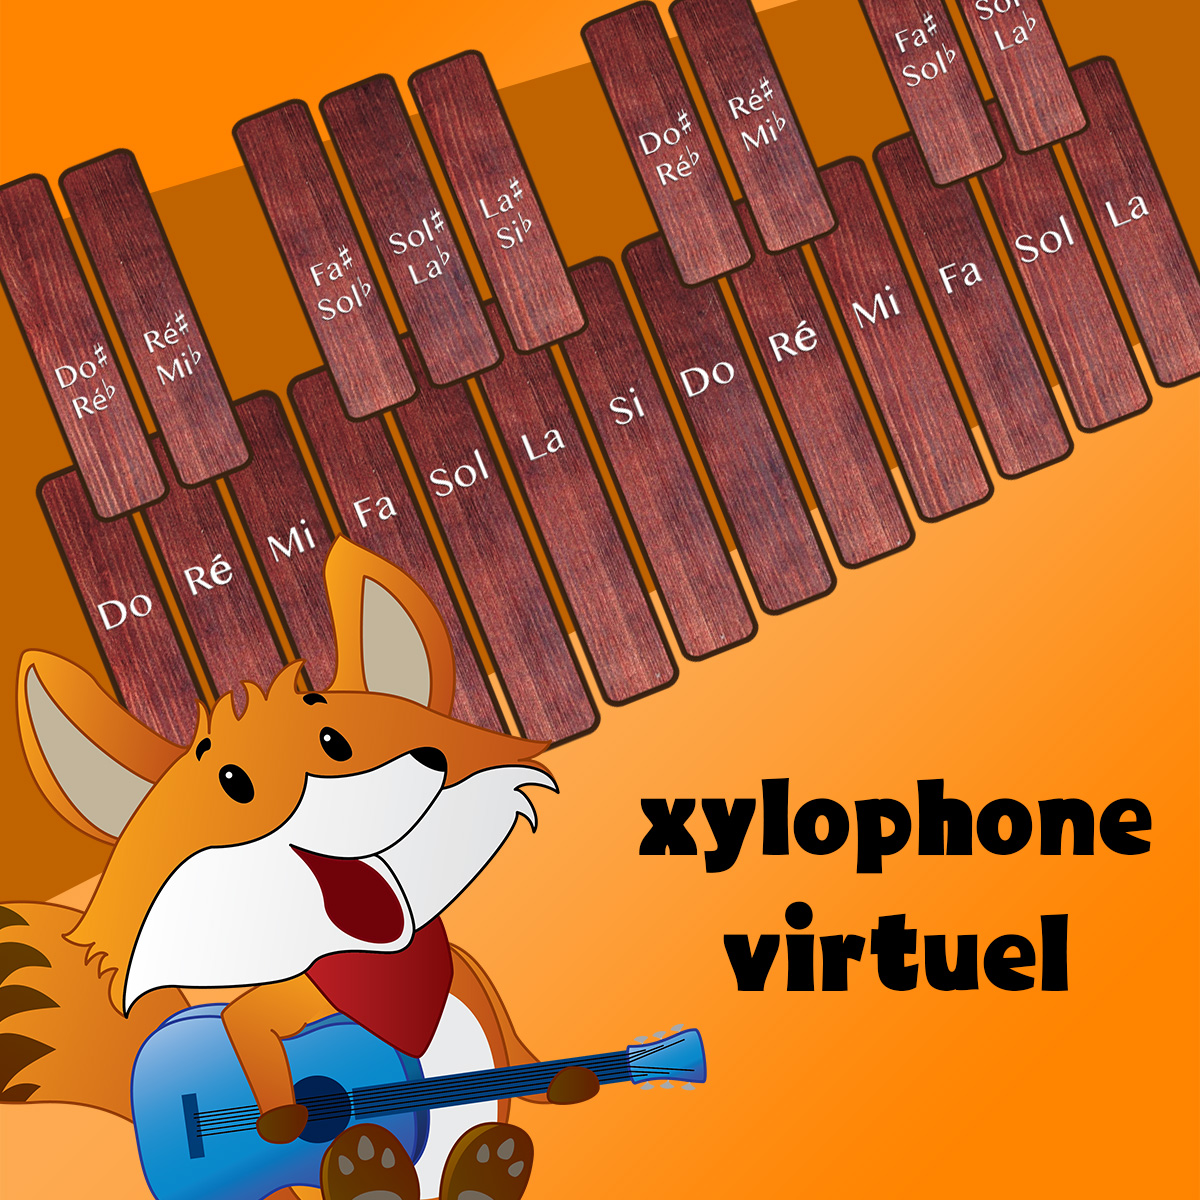 Xylophone virtuel